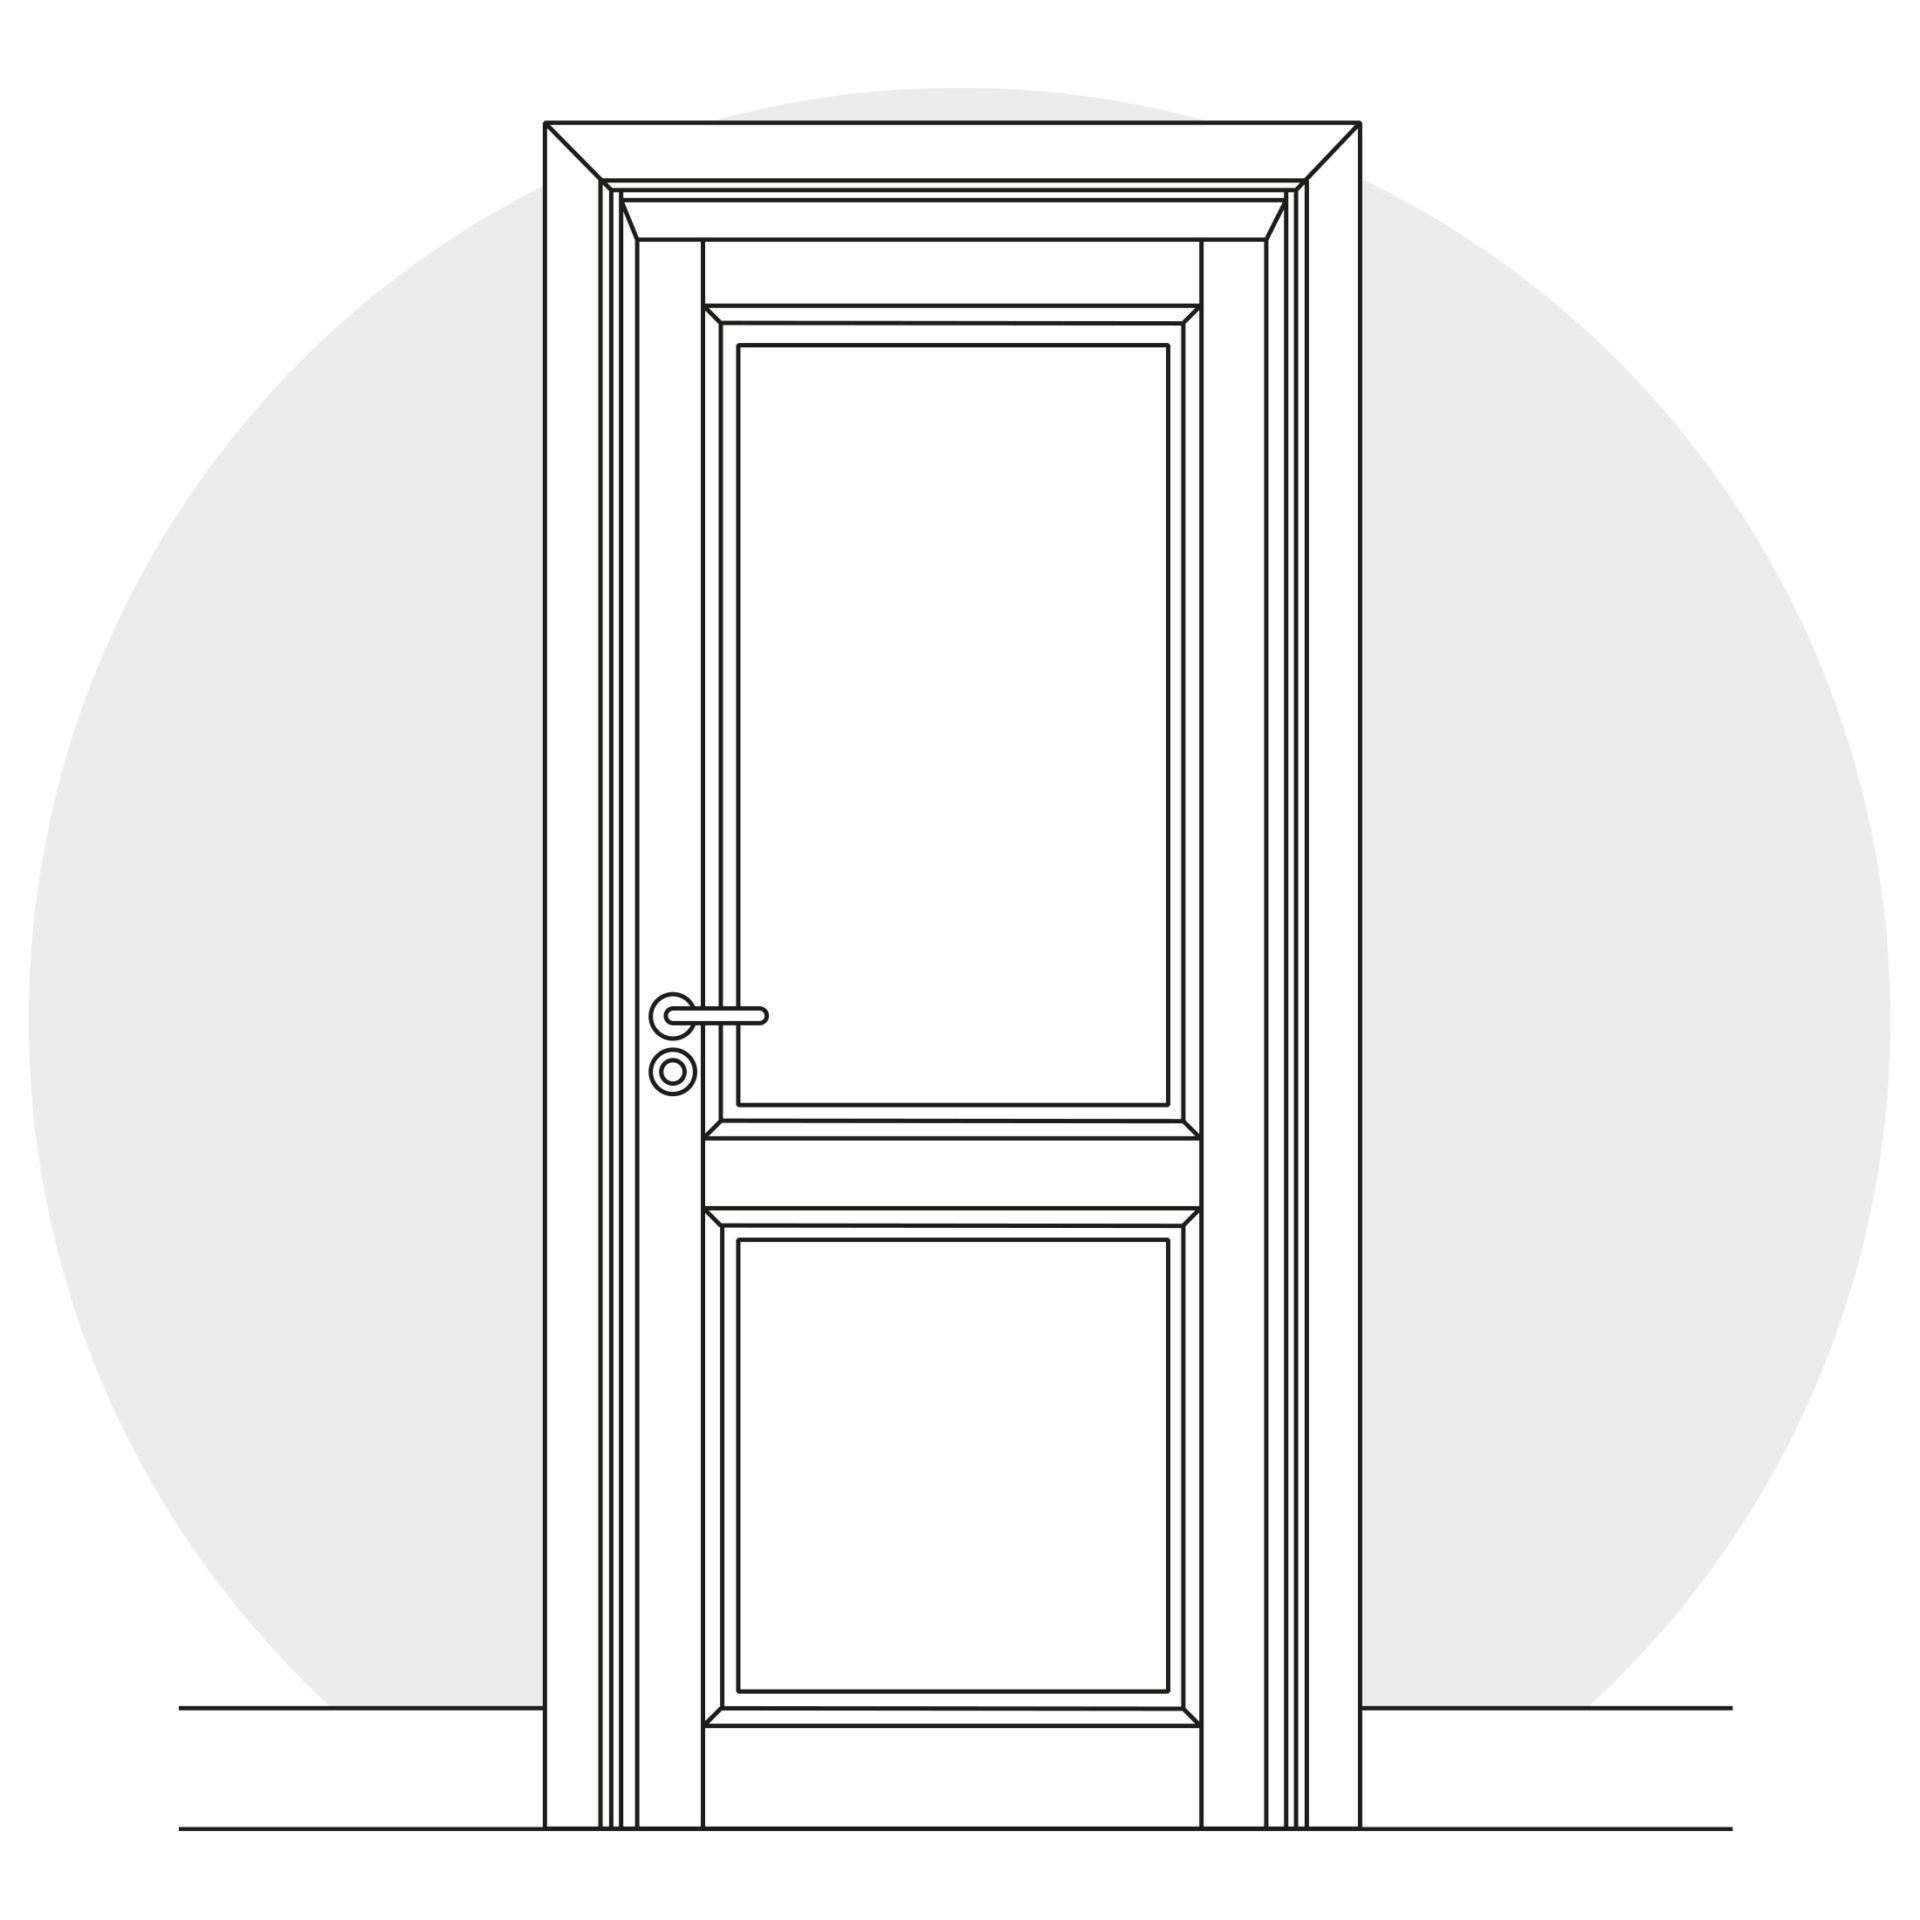 Schema technique illustrant une porte intérieure